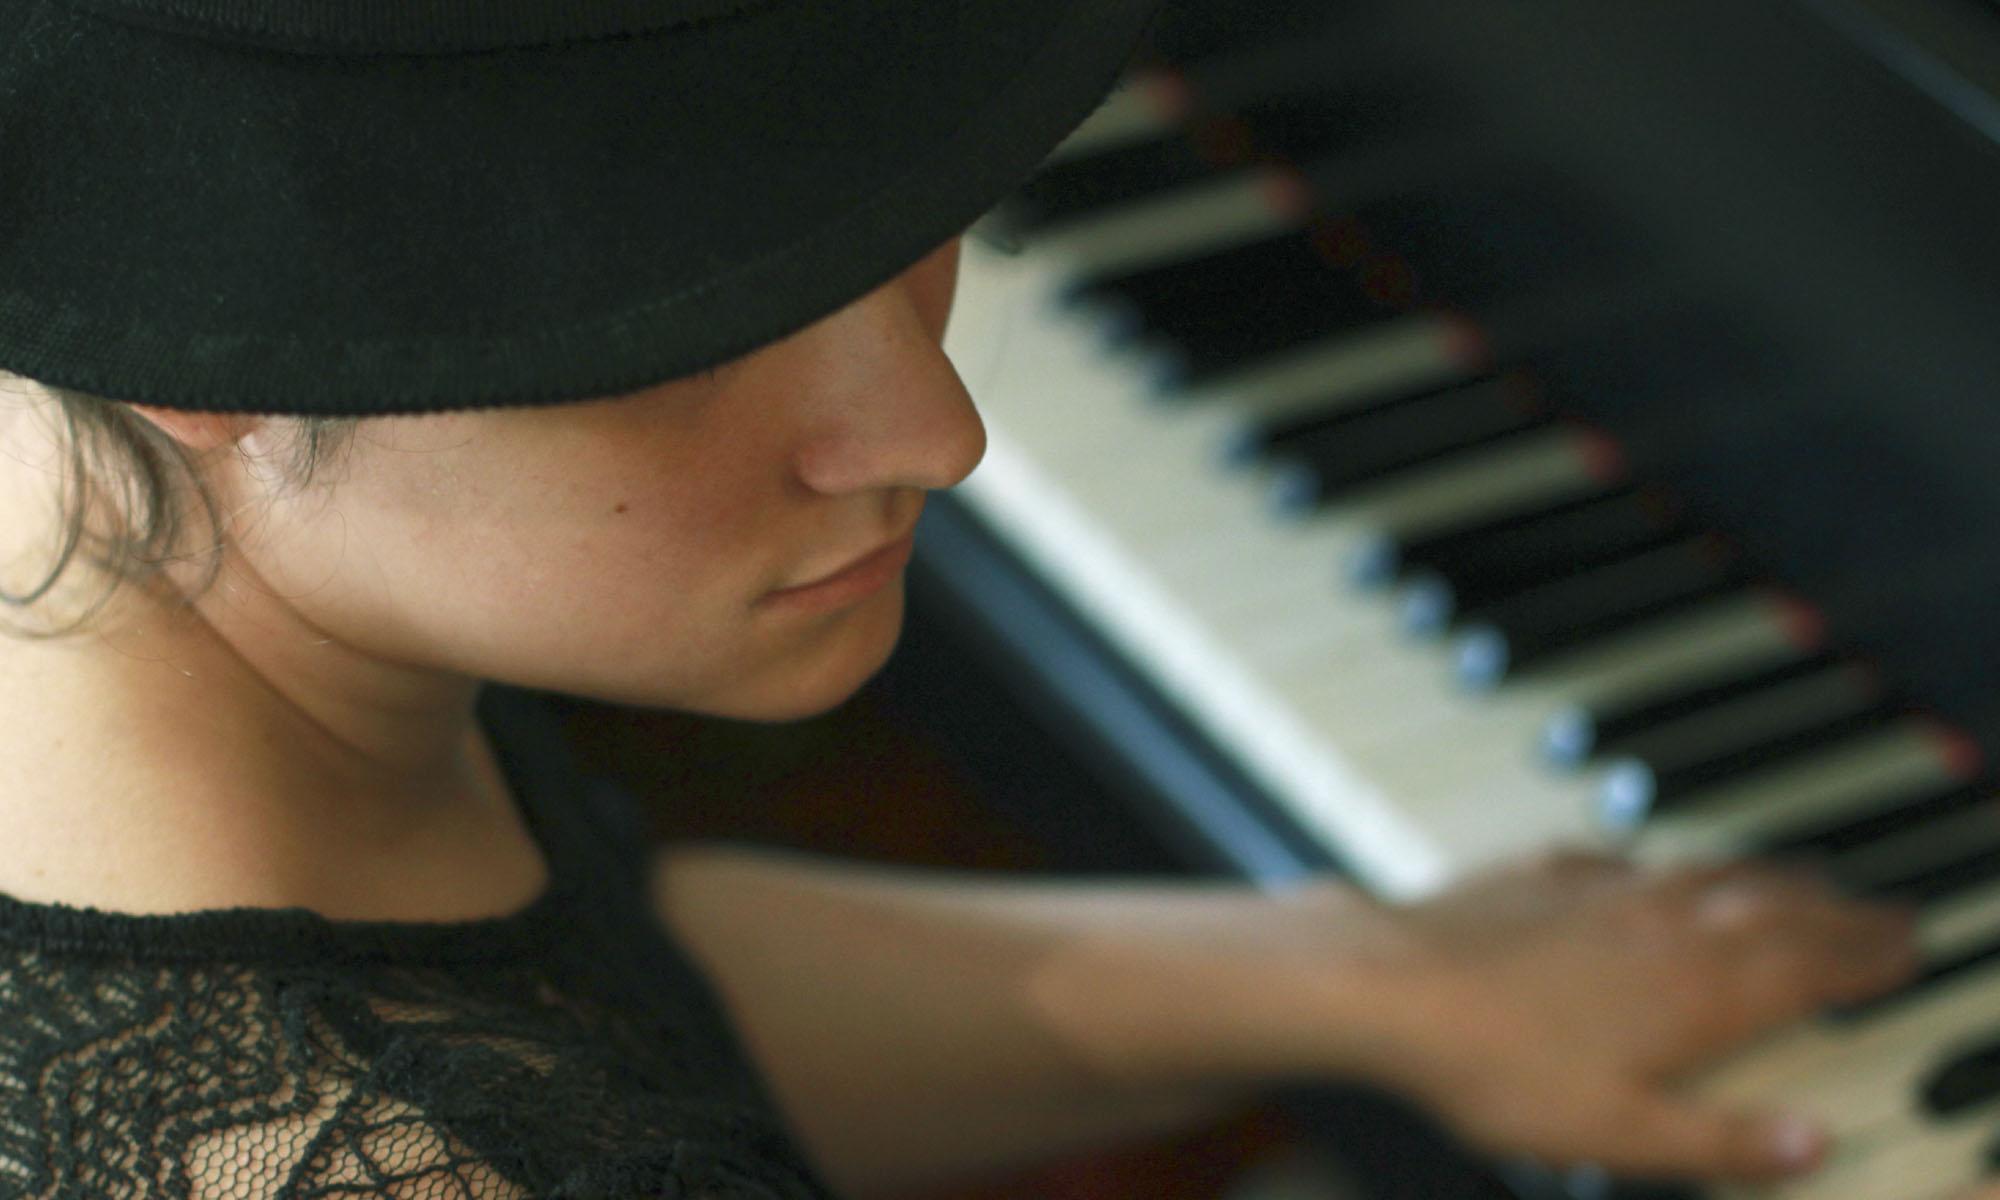 Missonne au piano ©Emmanuelle Rinen